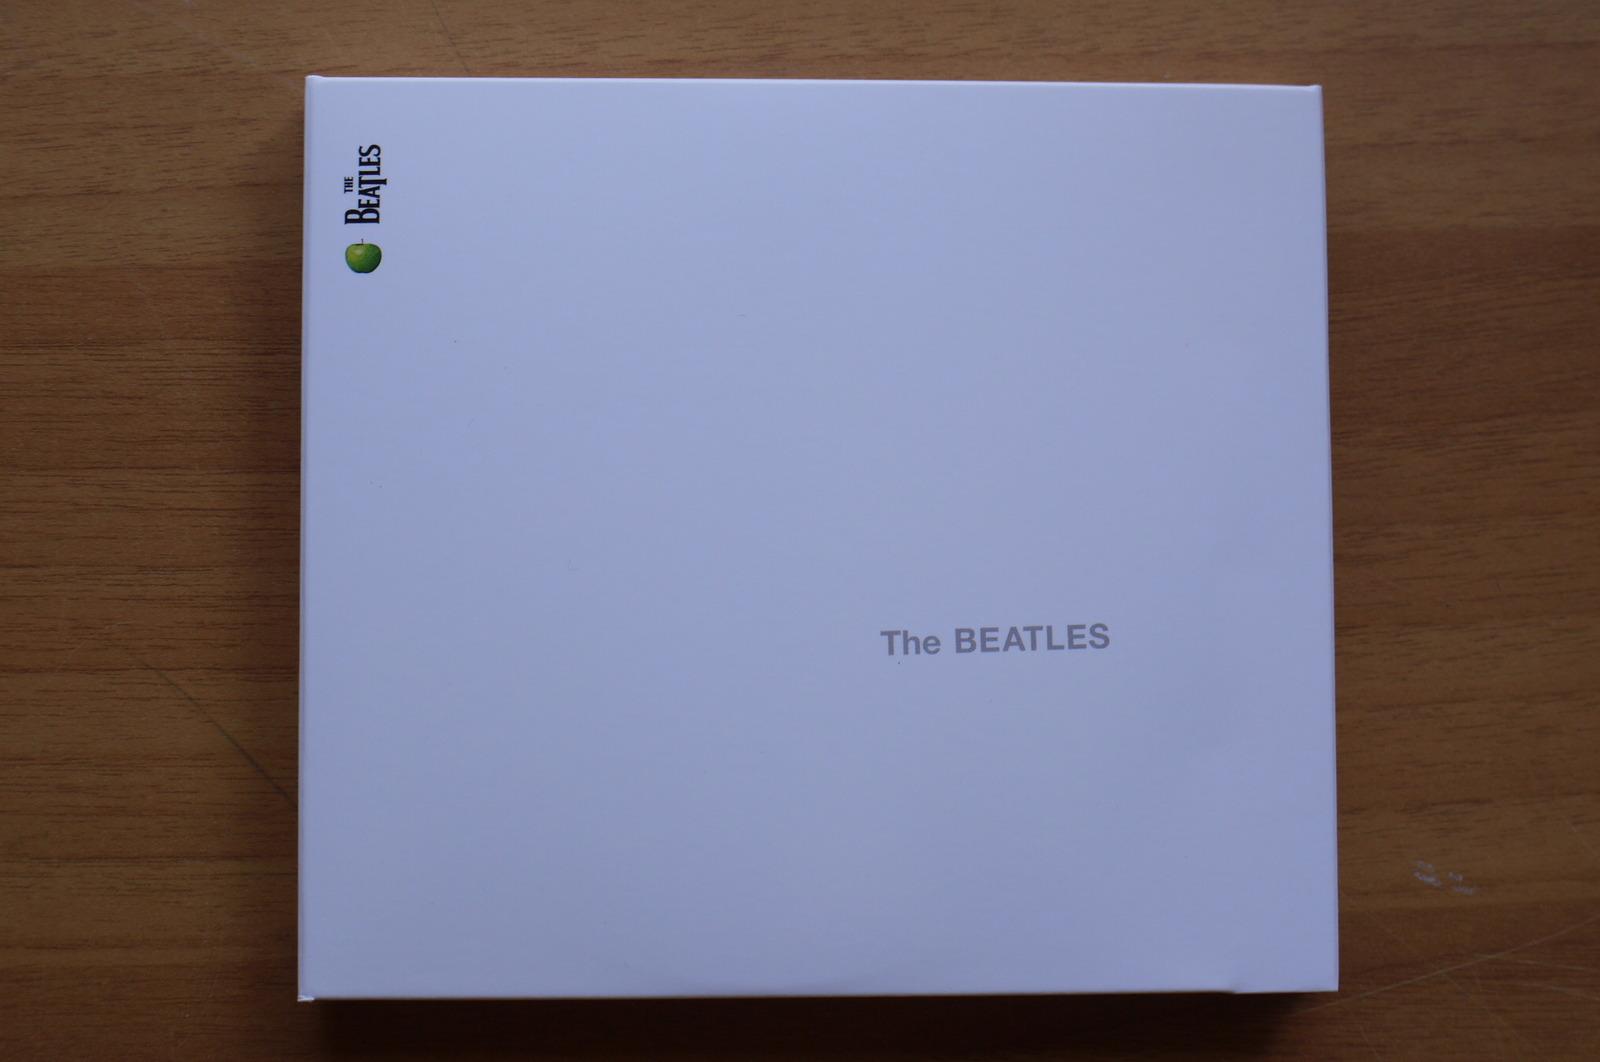 そんなアルバム『The BEATLES』は、そのデザインから「WHITE ALBUM(ホワイト・アルバム)」と呼ばれている。前作『Sgt.  PEPPER\u0027S LONELY HEARTS CLUB BAND』で、